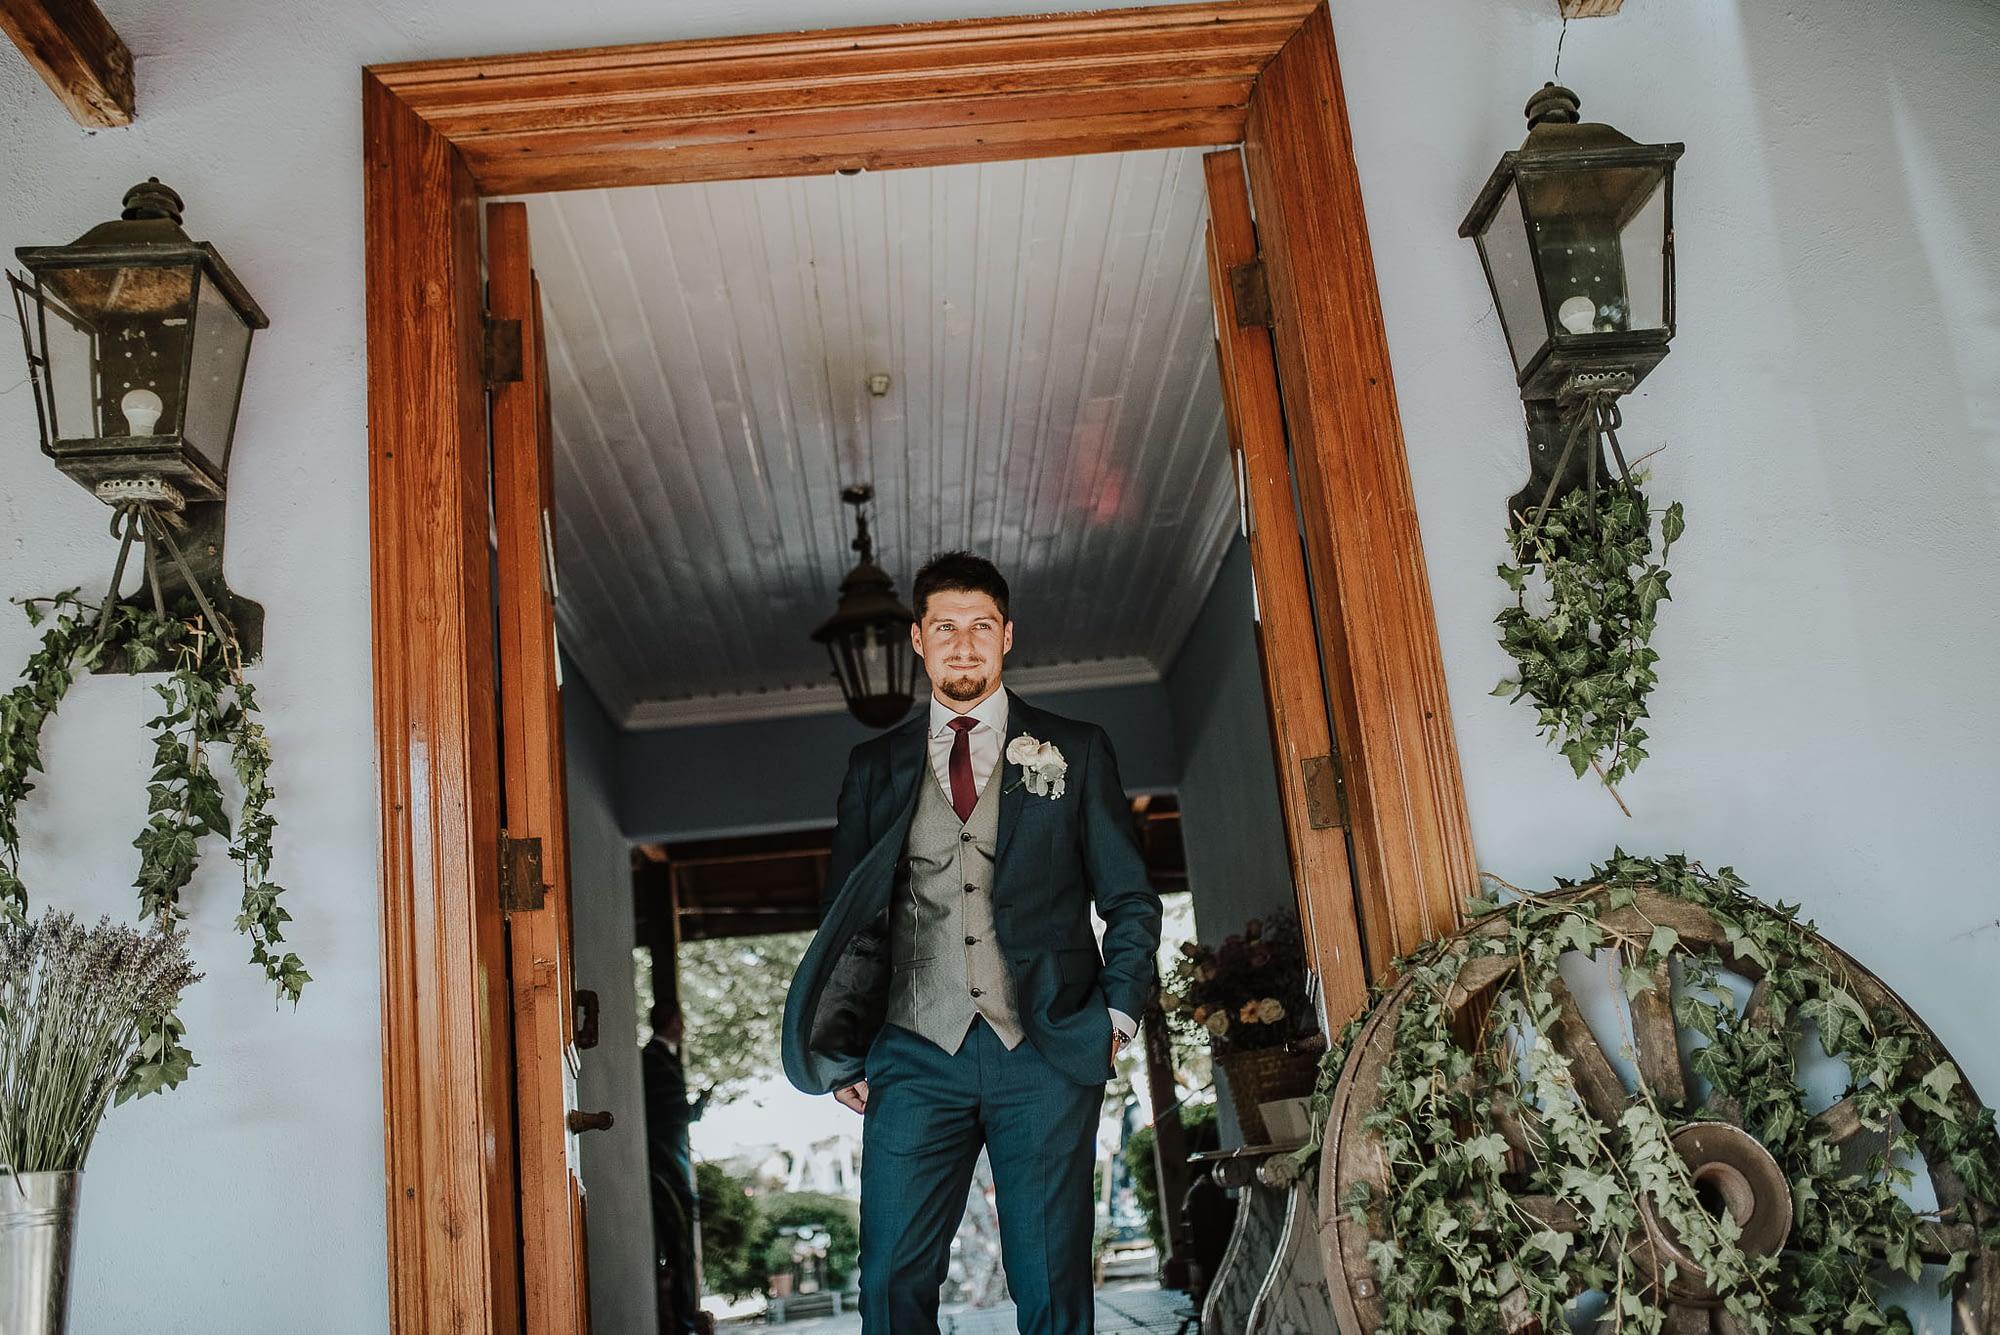 preparativos-novia-casa de campo fuller-traje de novio